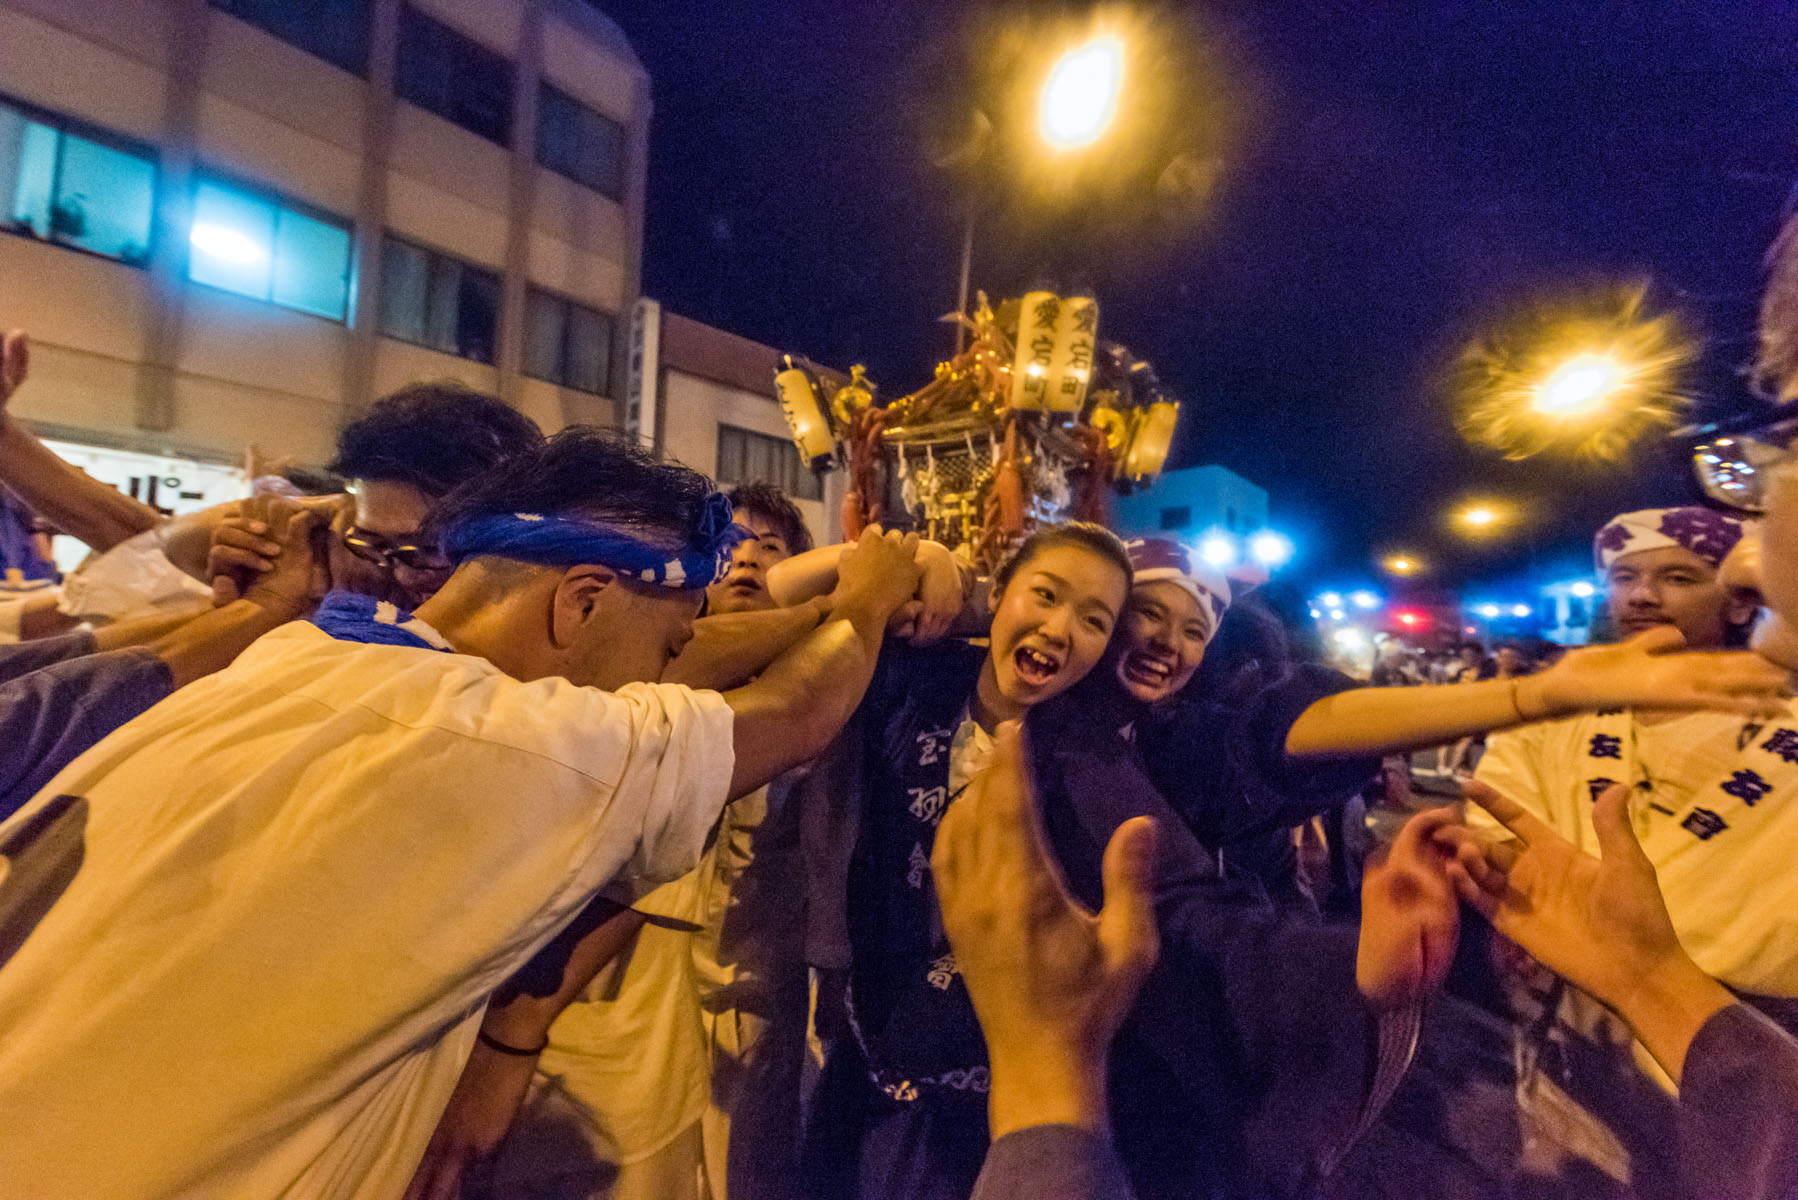 羽生てんのうさま夏祭り 羽生市内プラザ通りなど